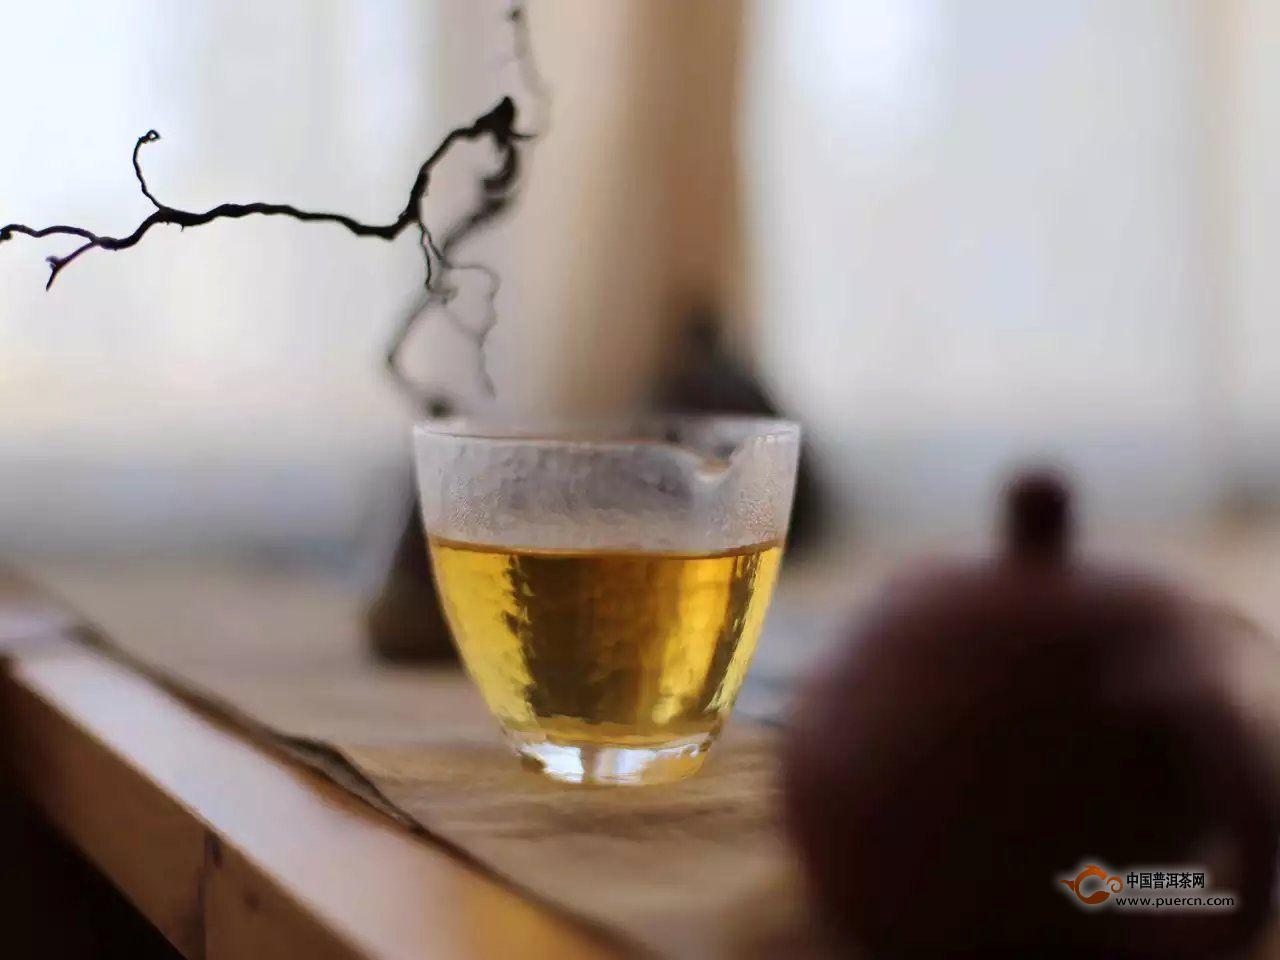 【喝茶话题】:买茶是谈感情,还是就茶论茶?